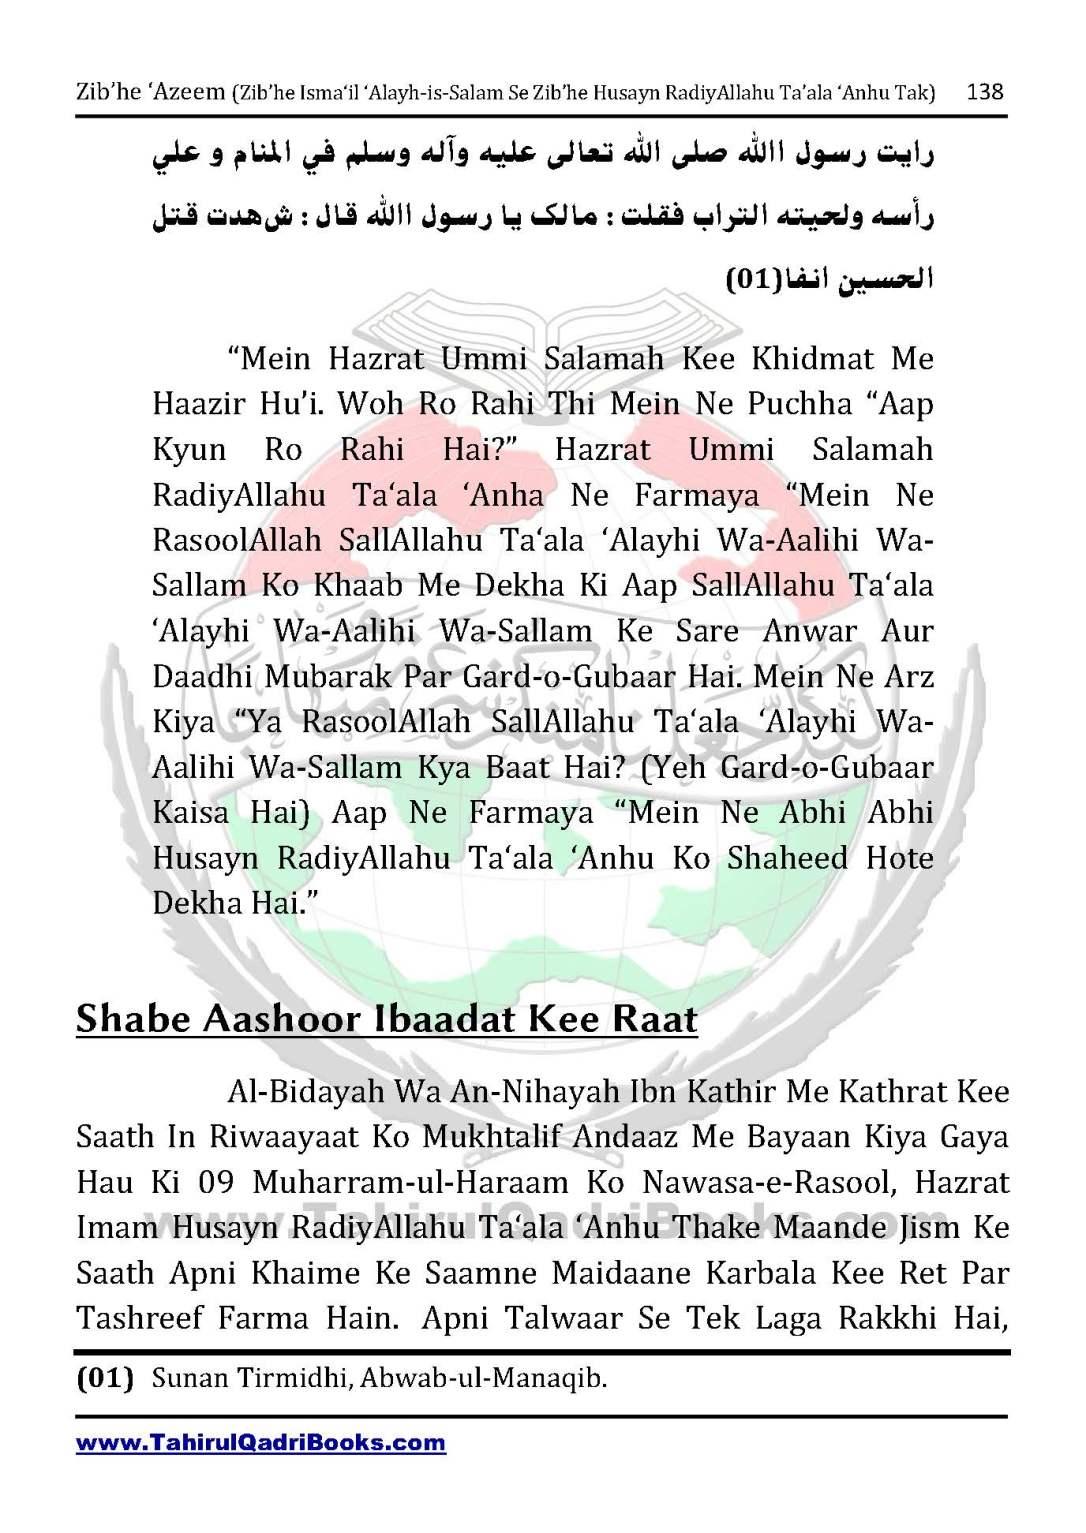 zib_he-e28098azeem-zib_he-ismacabbil-se-zib_he-husayn-tak-in-roman-urdu-unlocked_Page_138